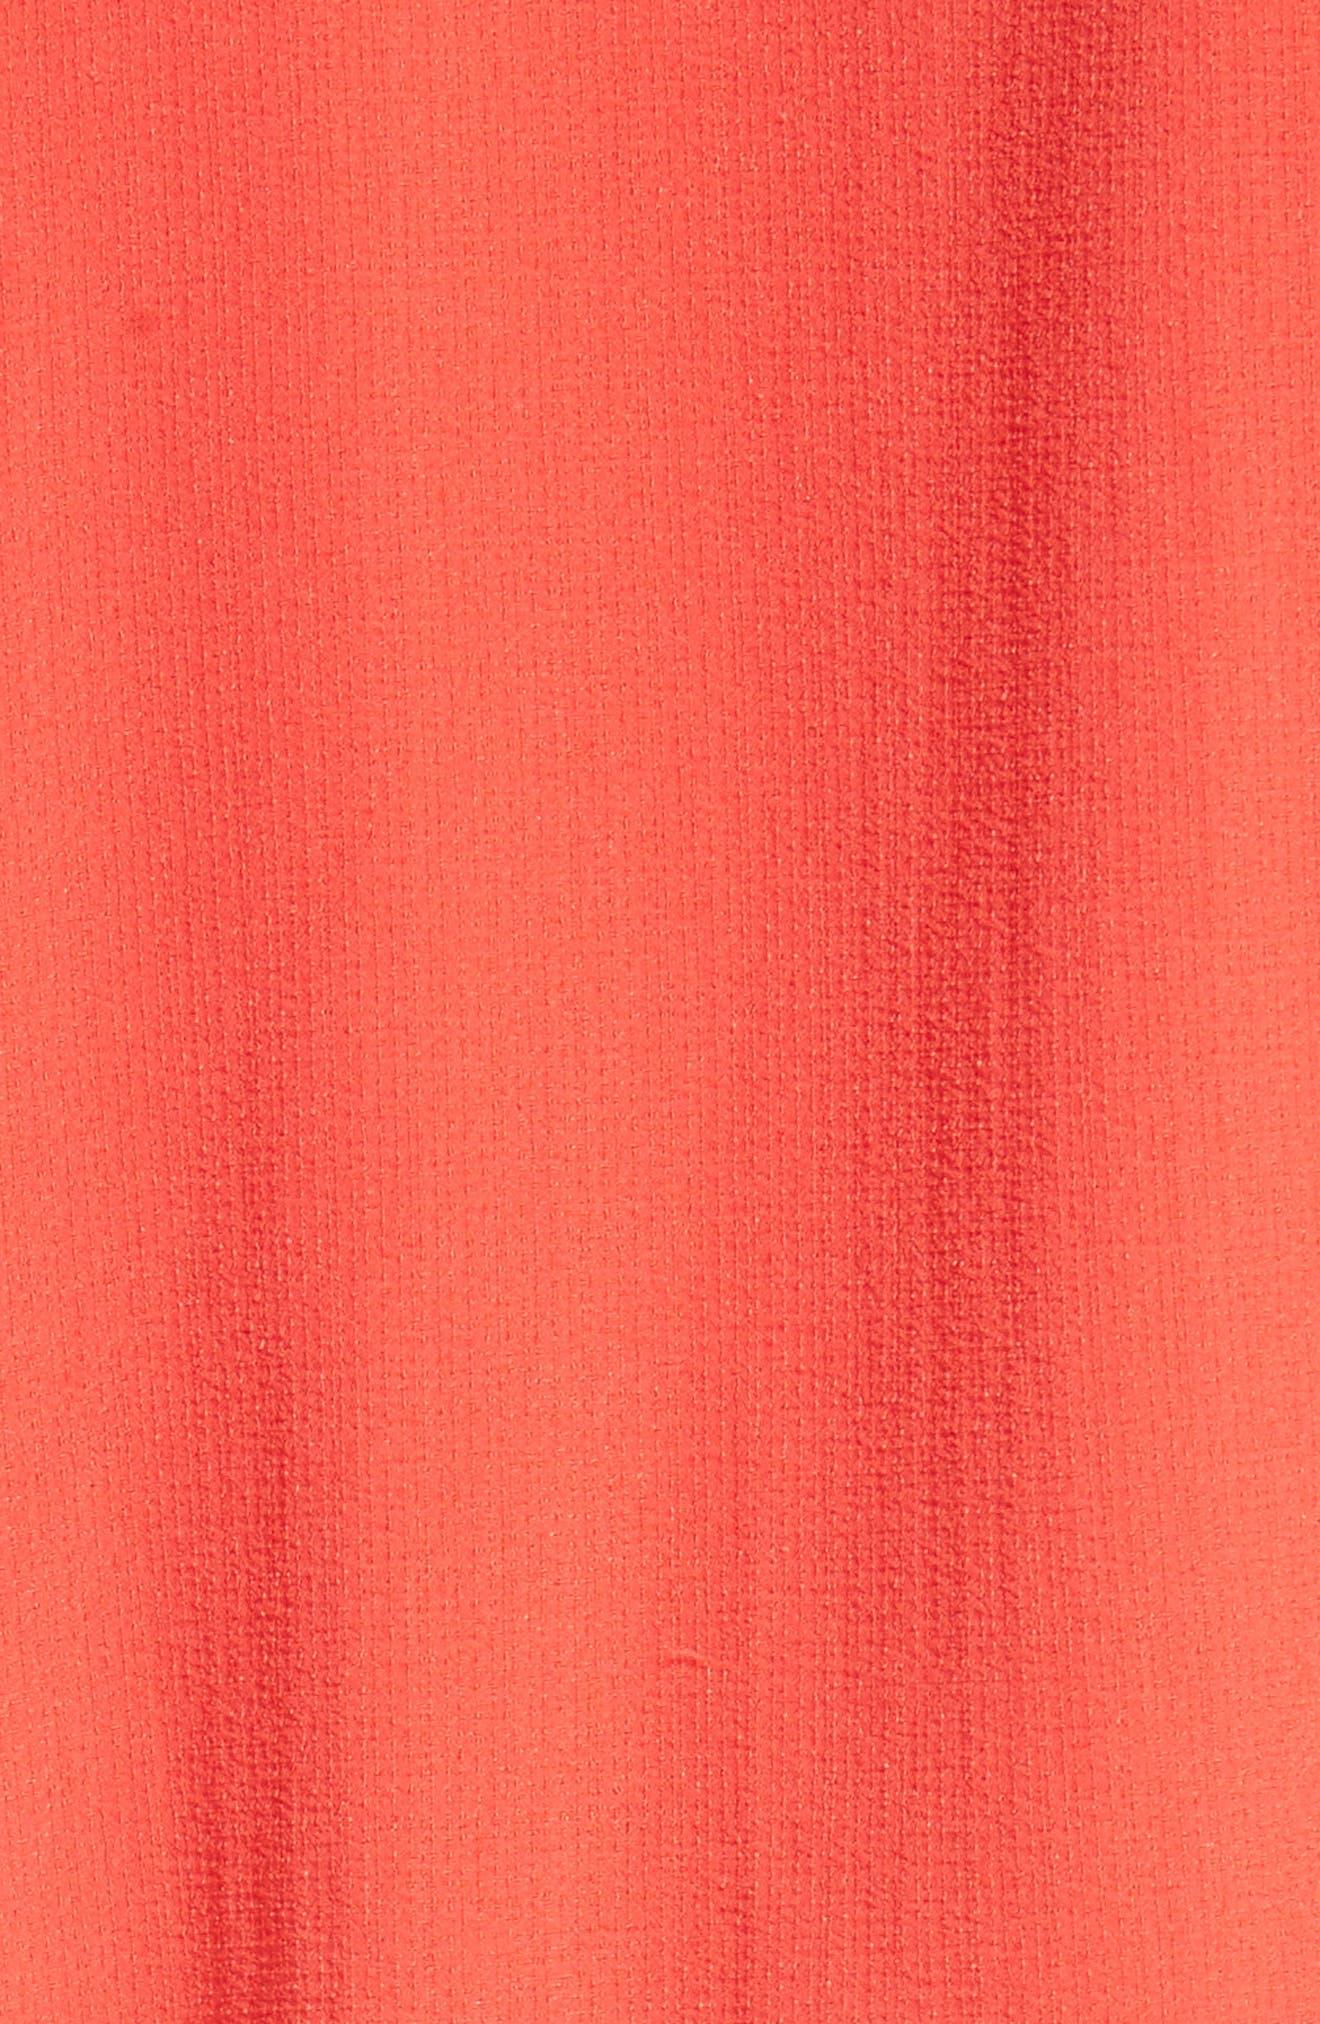 Aulani Shift Dress,                             Alternate thumbnail 5, color,                             Lipstick